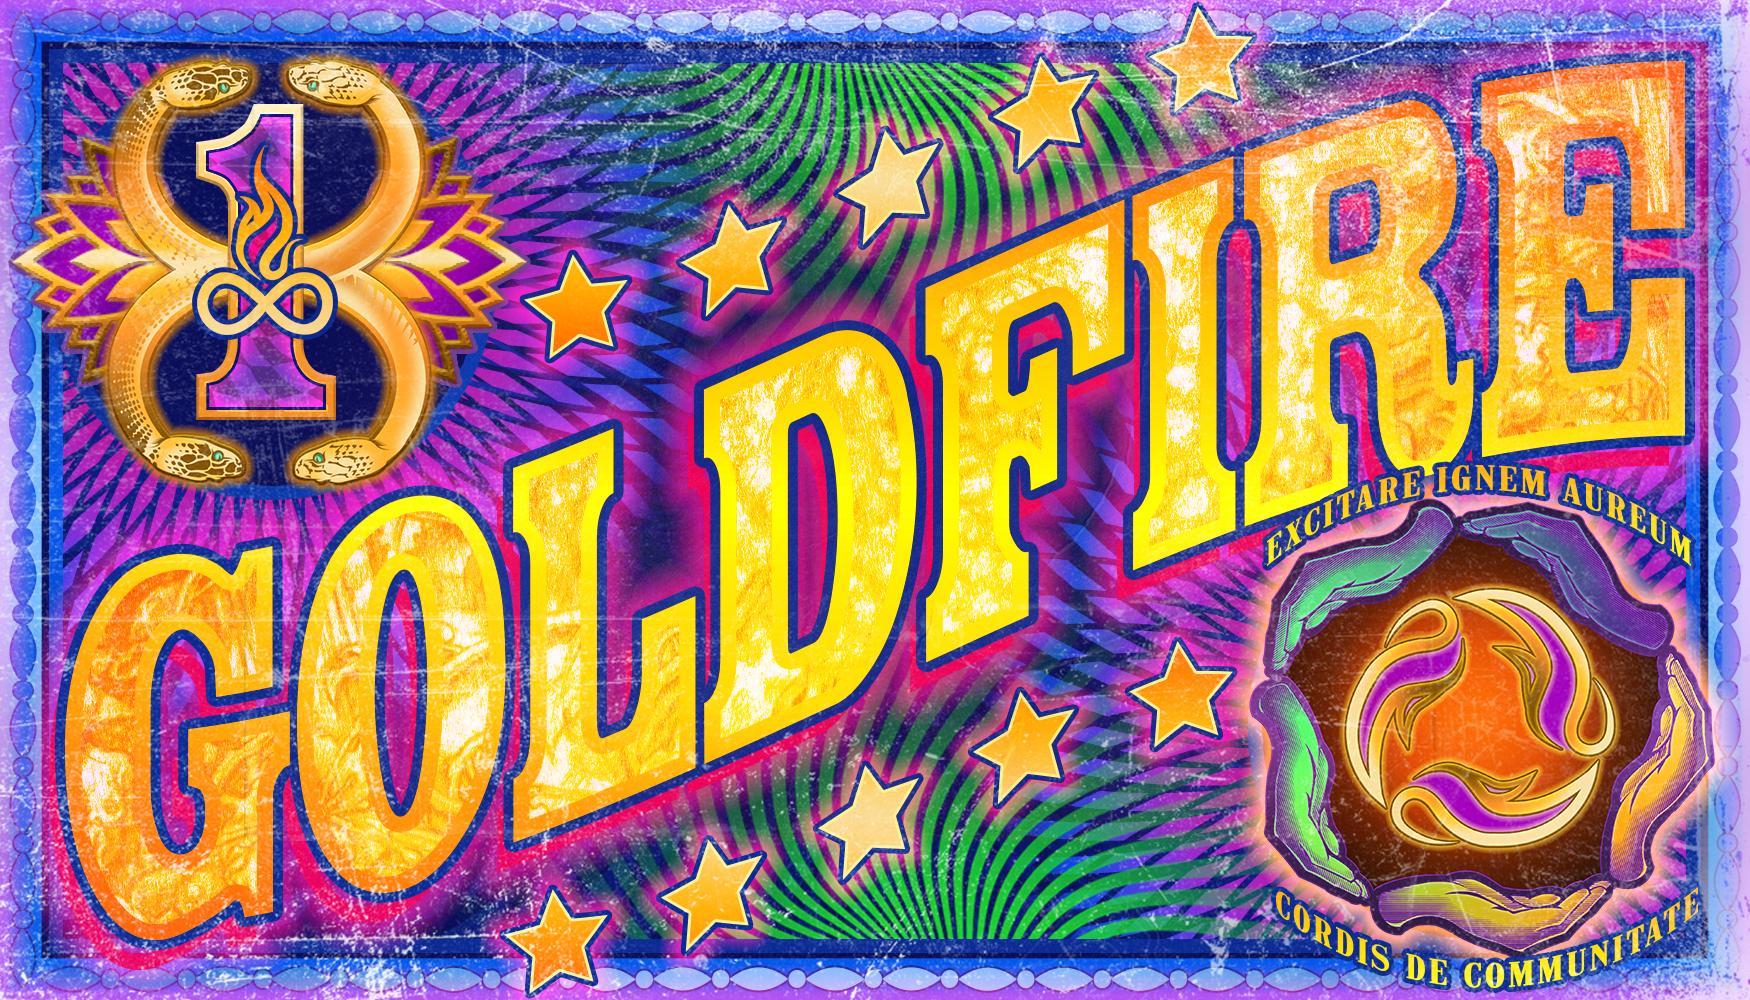 Goldfire Currency Prototype - EXITARE IGNEM AUREUM CORDIS DE COMMUNITATE